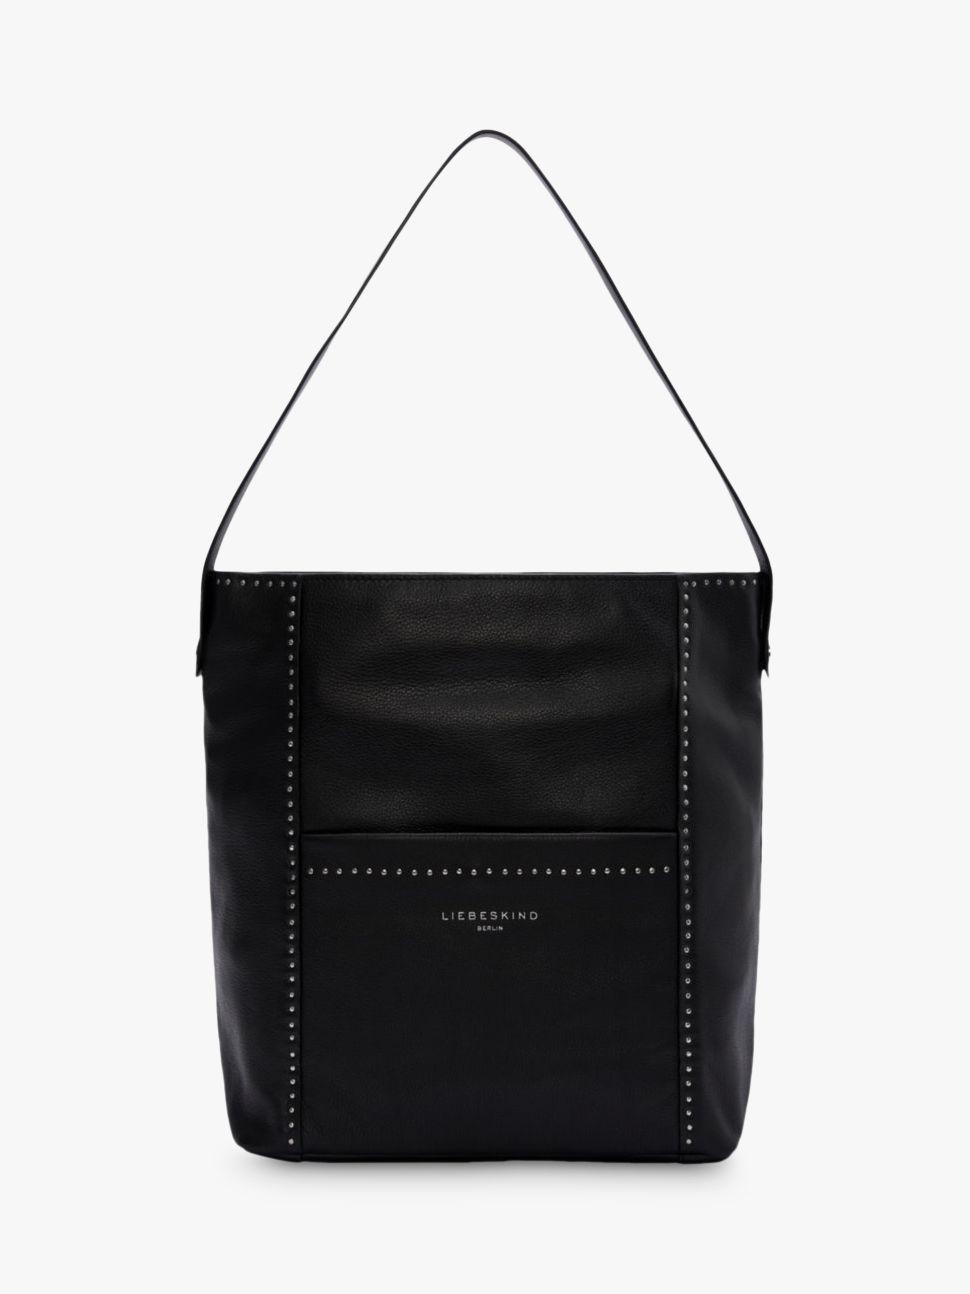 02fa67667fdd Liebeskind Berlin Stud Love Leather Medium Hobo Bag